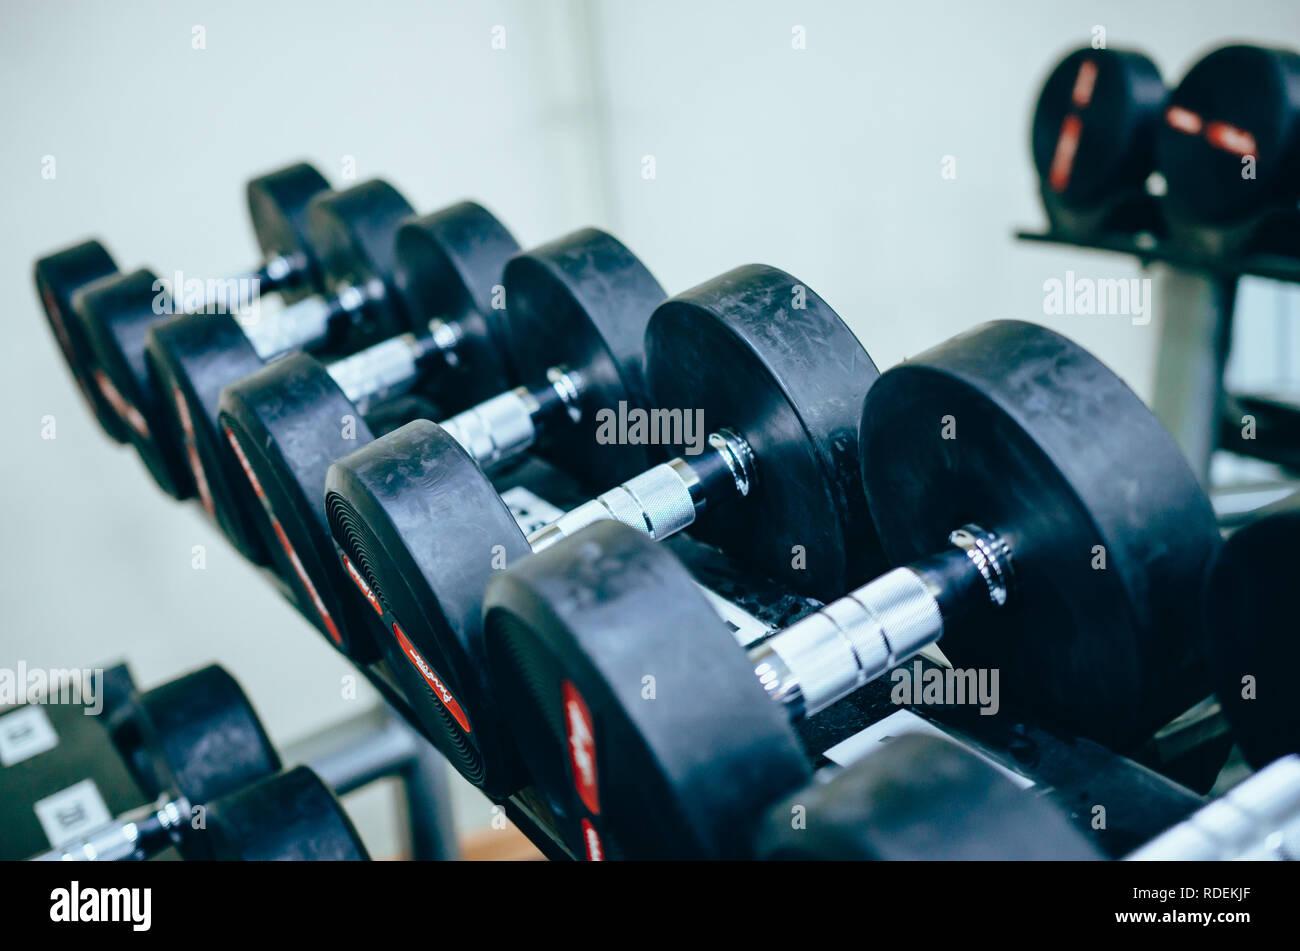 Haltères lourds métalliques pour la formation de poids sur le stand in gym Photo Stock